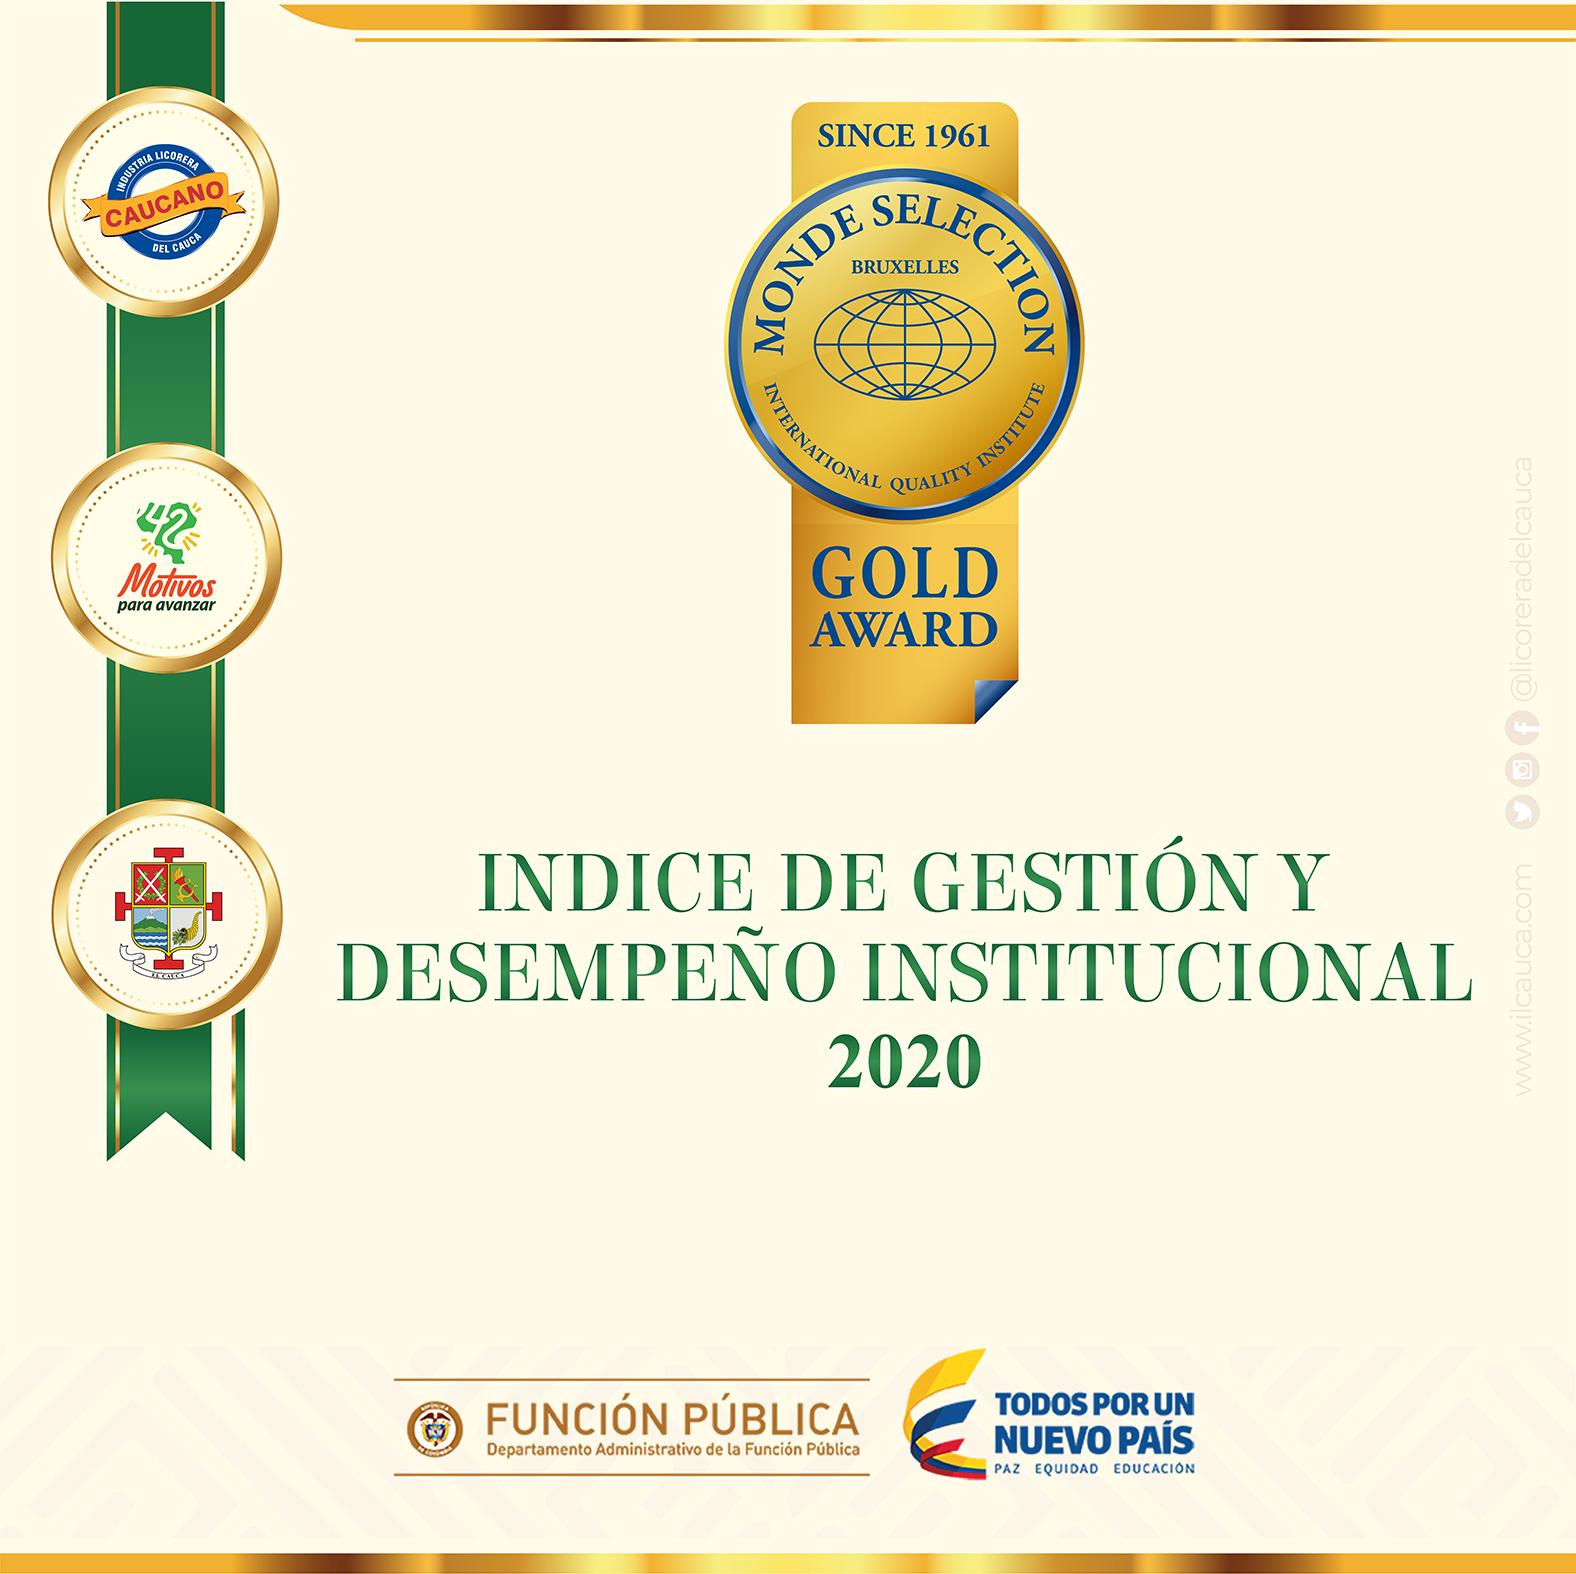 Industria licorera del Cauca ocupa el primer lugar entre las licoreras del país, en el índice General de Desempeño Institucional, vigencia 2020